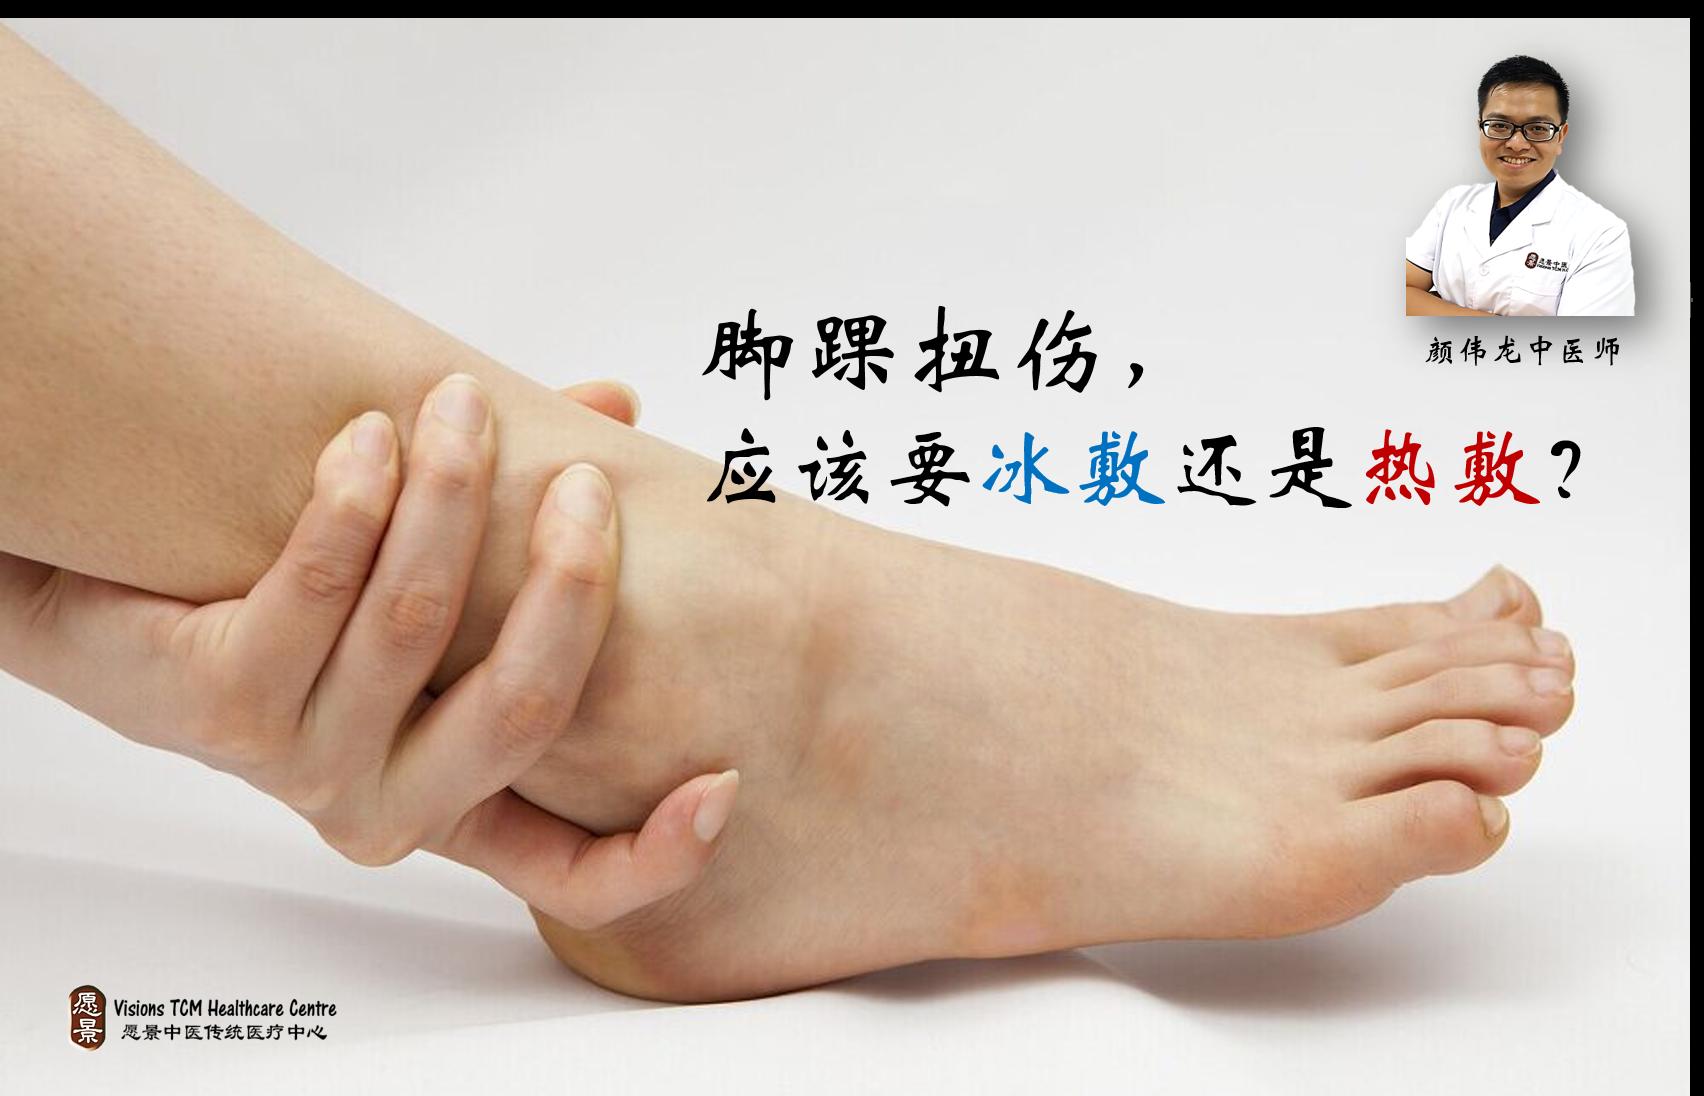 脚踝扭伤,应该要冰敷还是热敷?